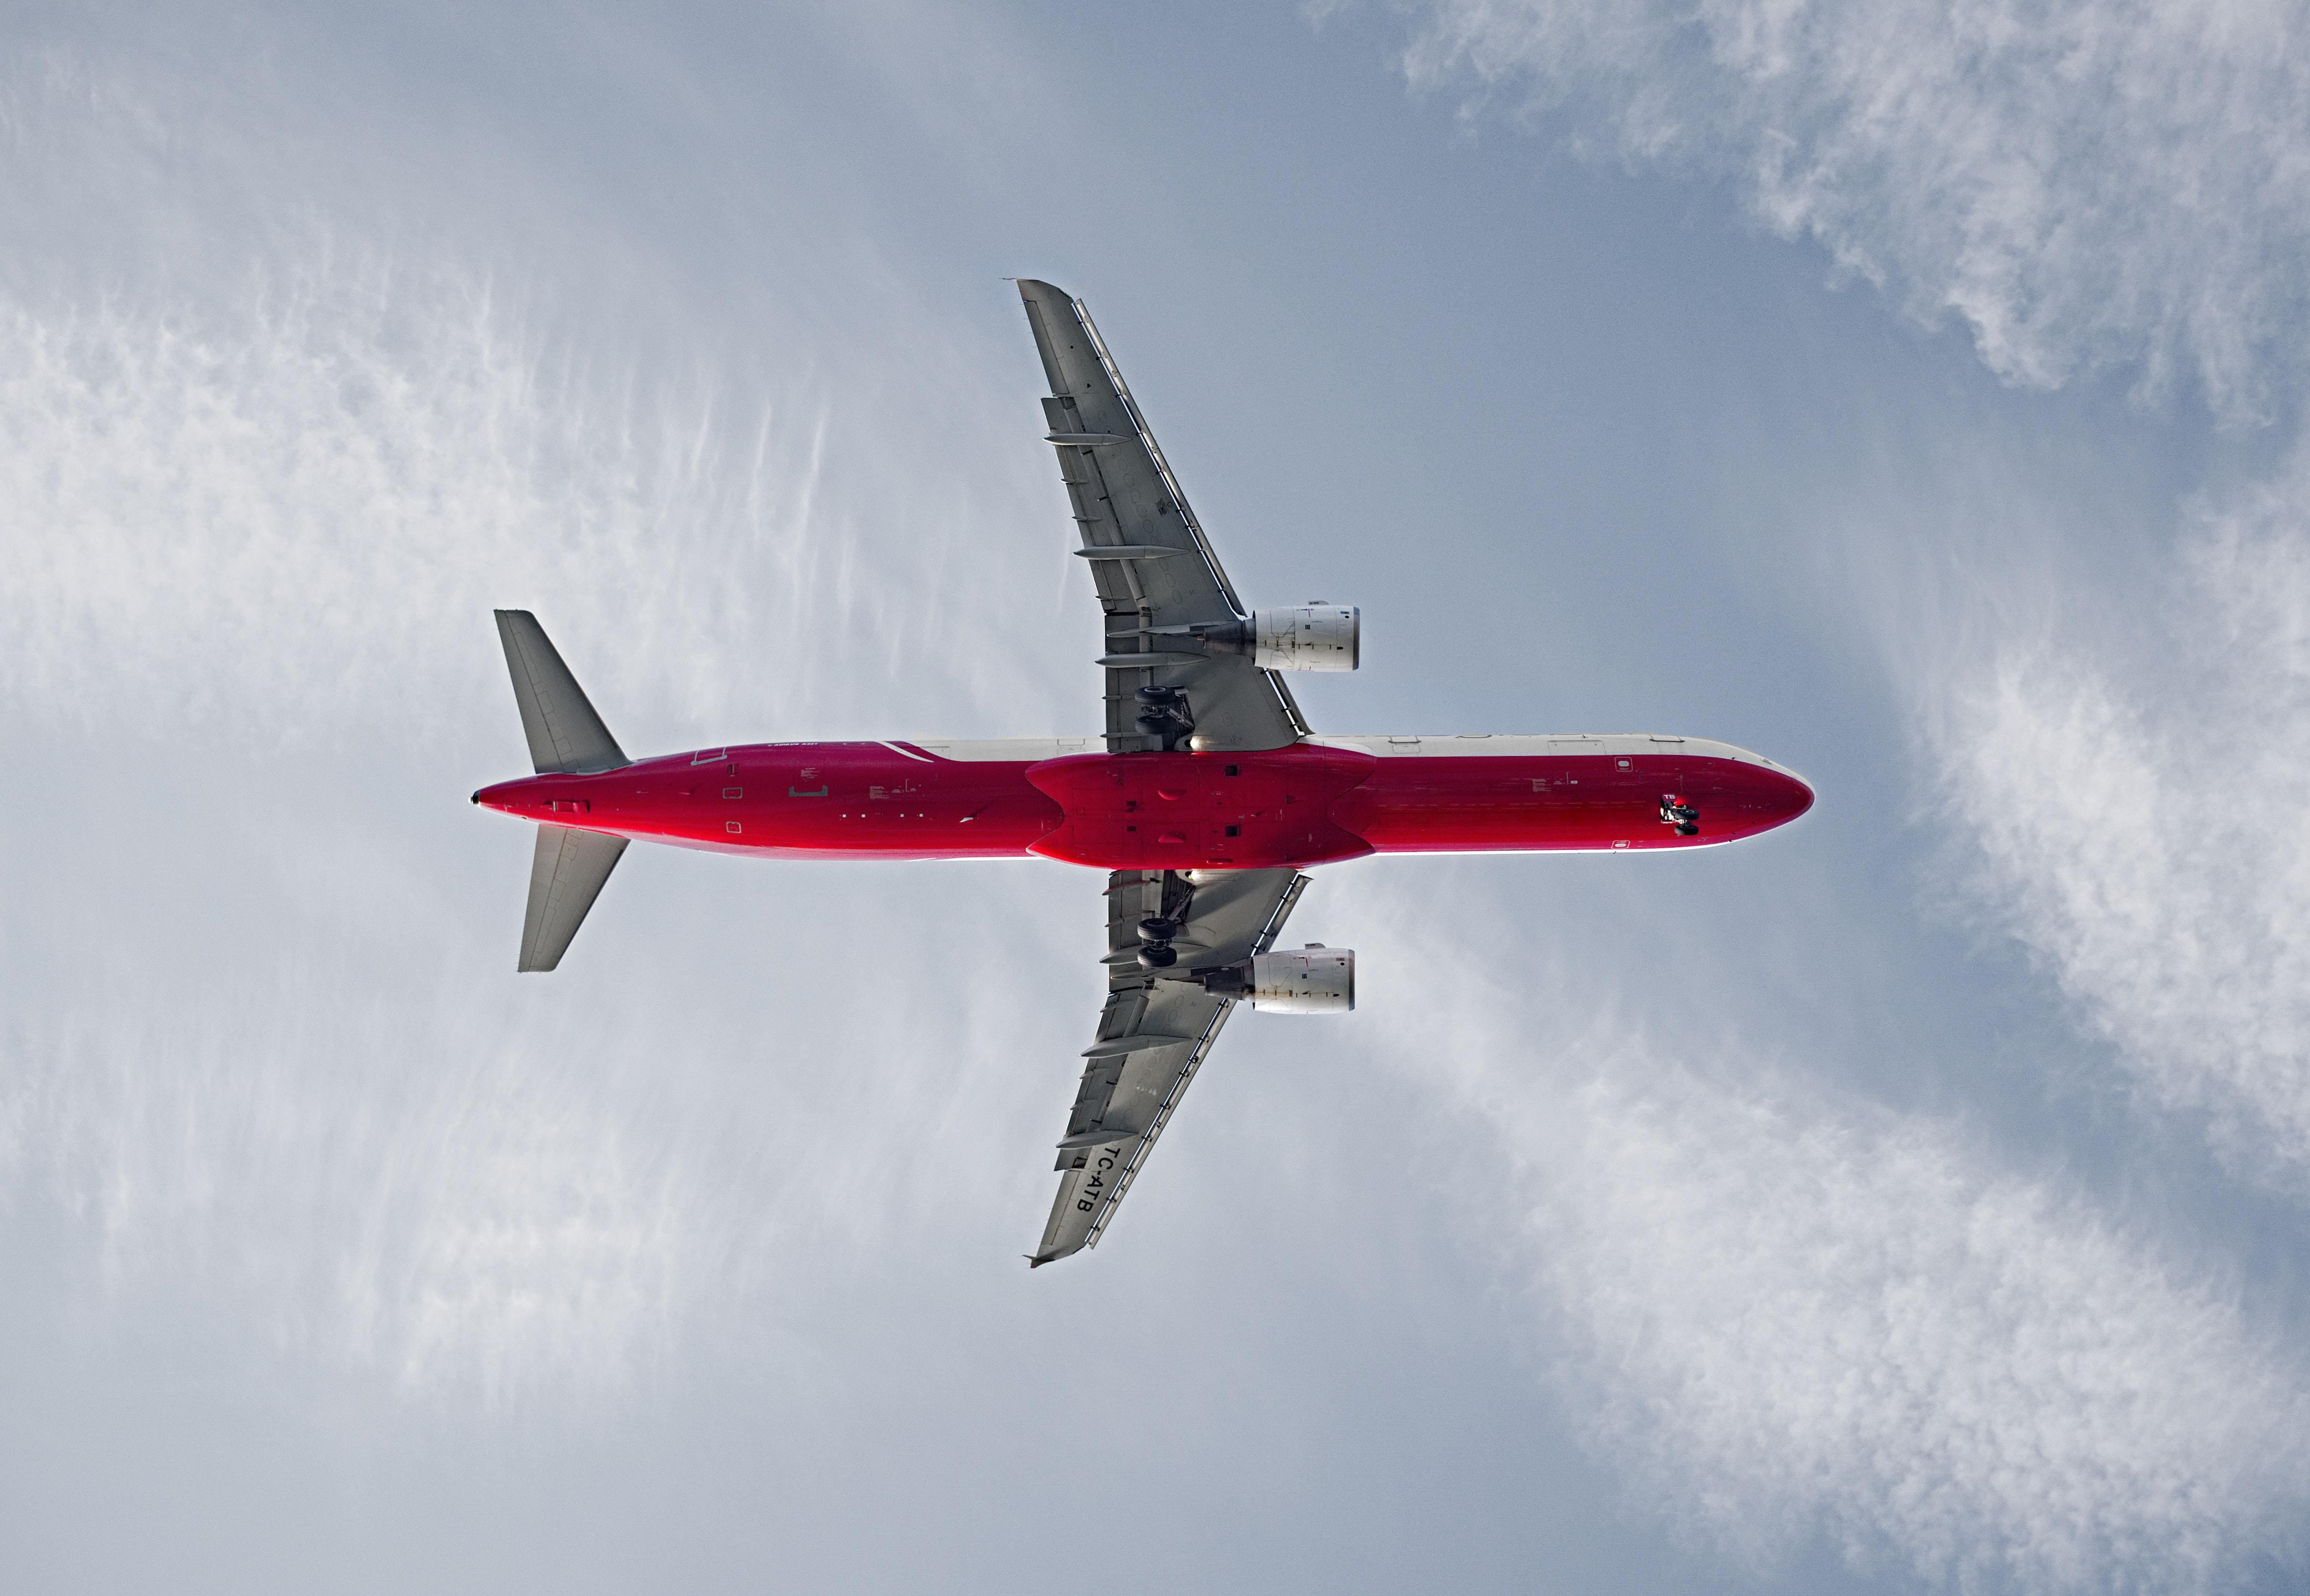 Швейцарська авіакомпанія Swiss оголосила про відновлення польотів в Україну